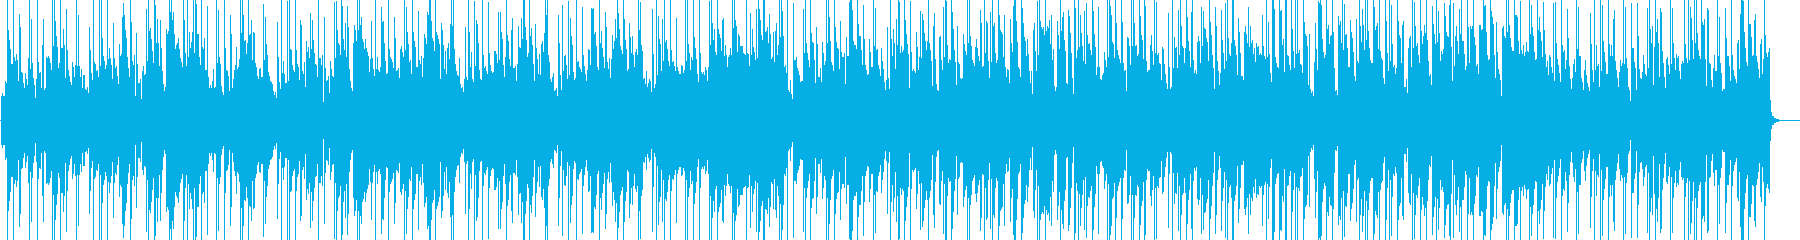 ゆったり穏やかなポップスの再生済みの波形